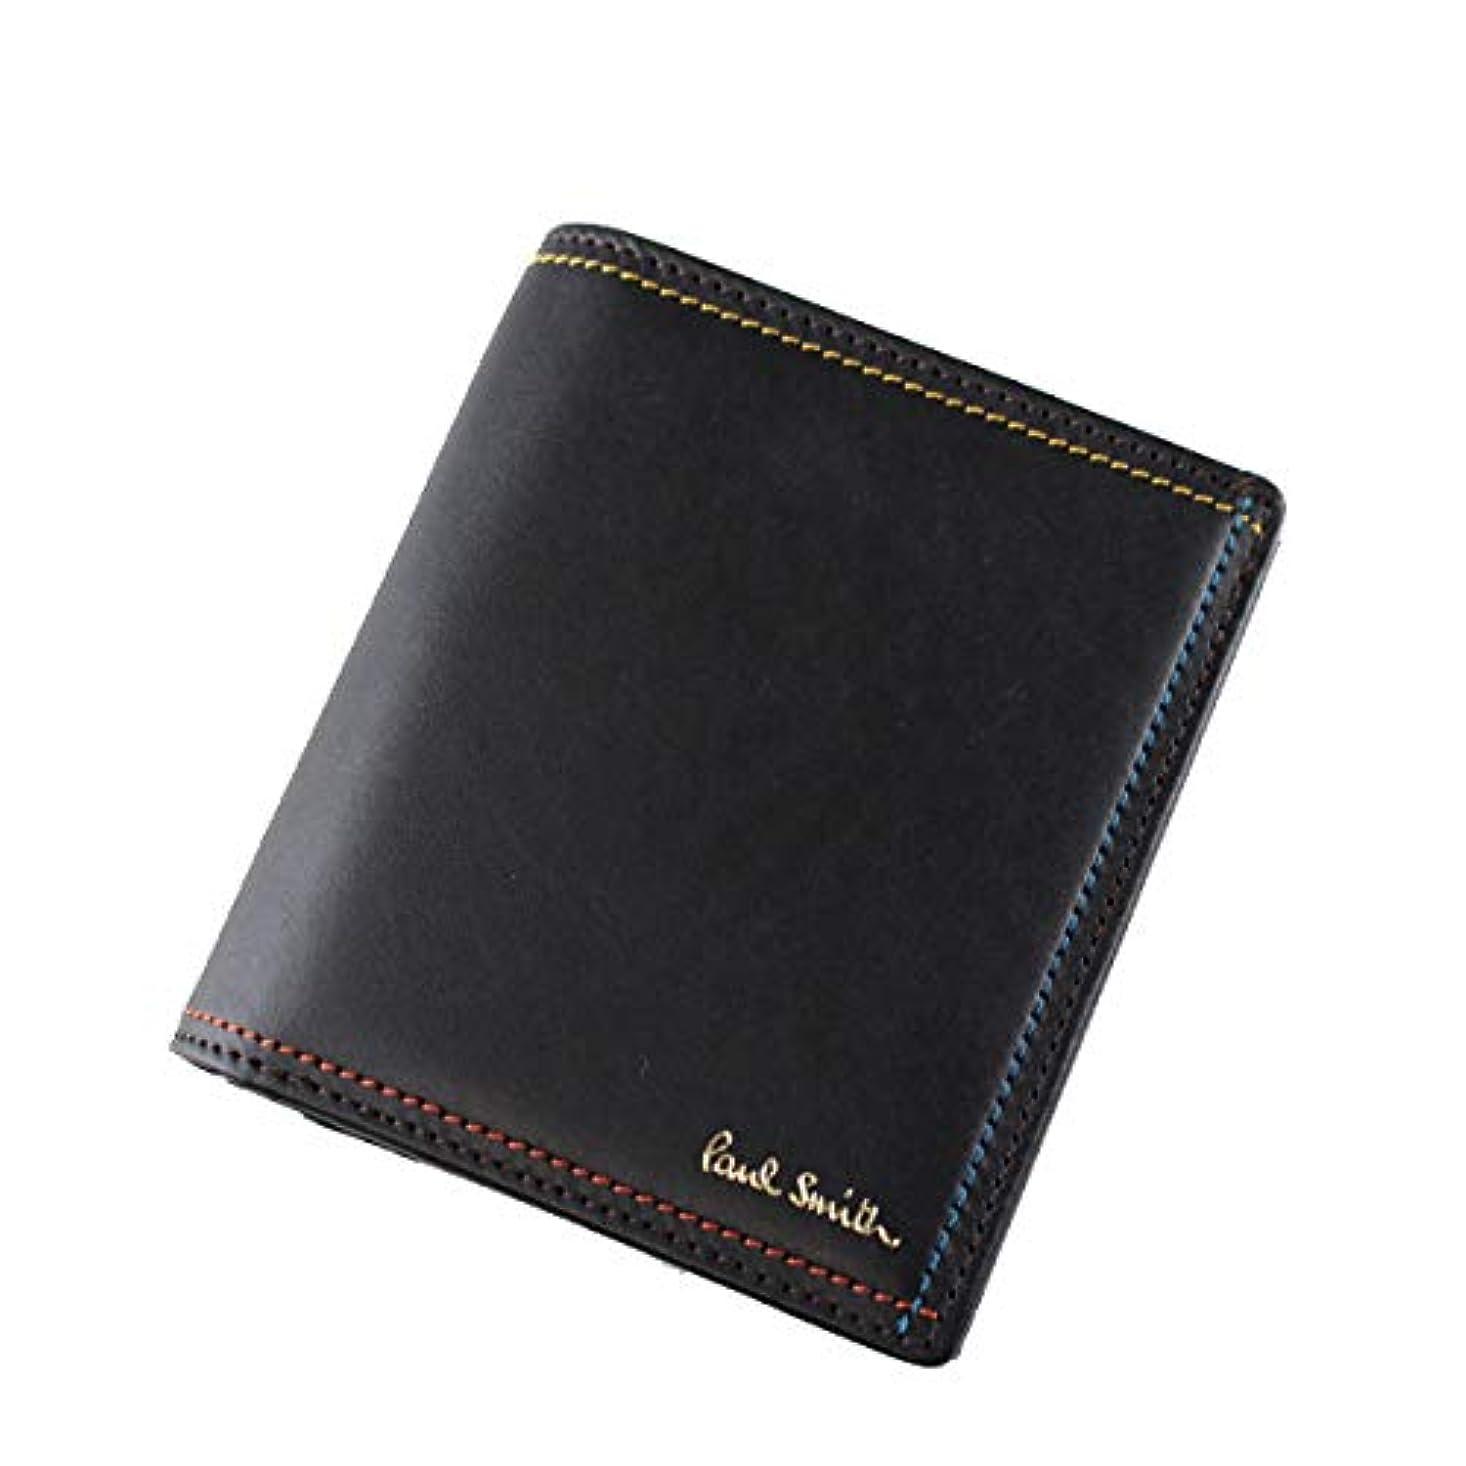 コンベンション請負業者七面鳥ポールスミス 財布 折り財布 ブライトストライプステッチ 873577 P023 PSQ023